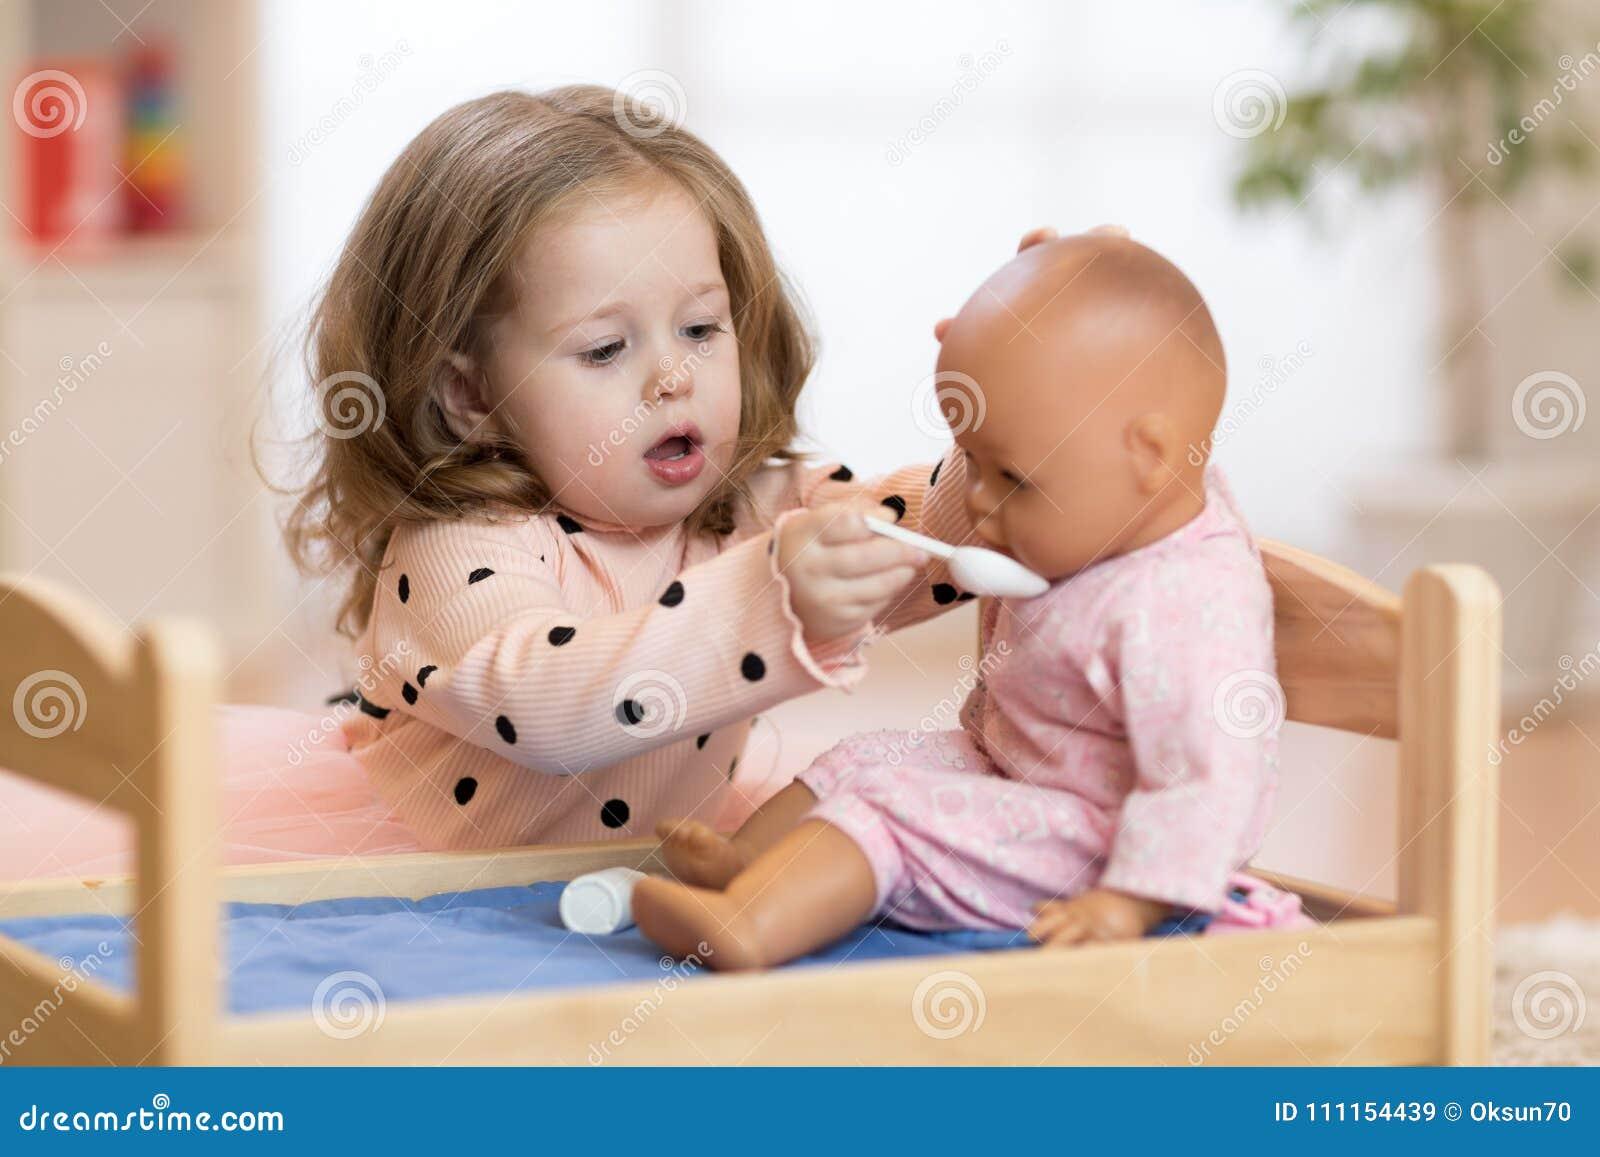 Παιδί στον παιδικό σταθμό Παιδί στο παιδικό σταθμό Λίγο μικρό παιδί που παίζει με την κούκλα